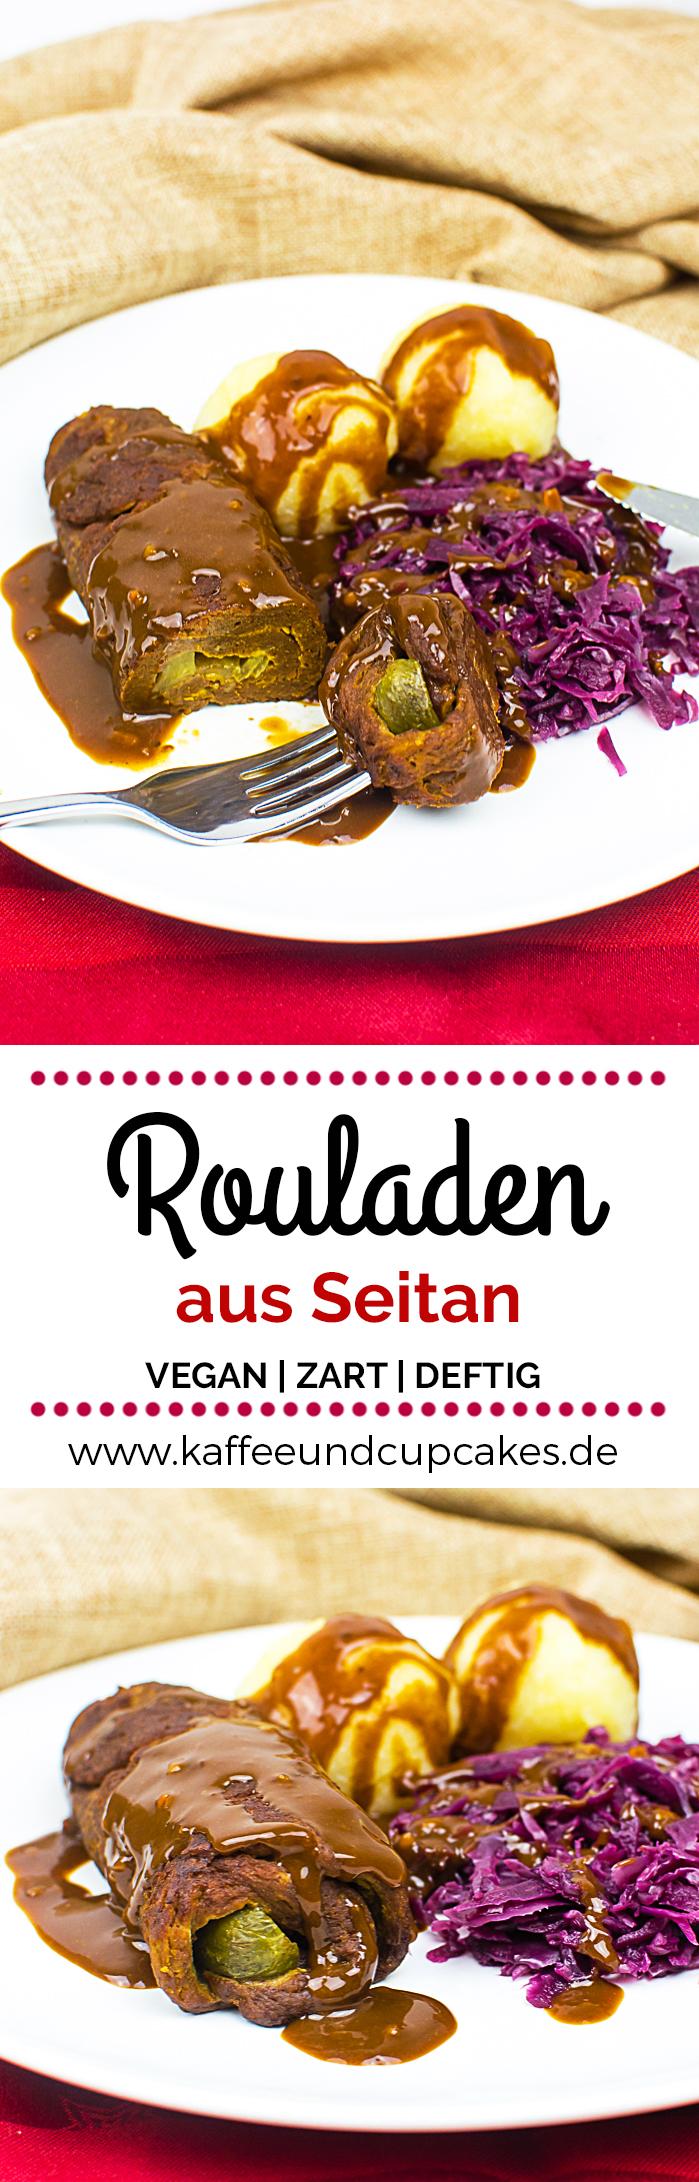 Zarte vegane Rouladen aus Seitan | Kaffee & Cupcakes #vegan #vegetarisch #seitan